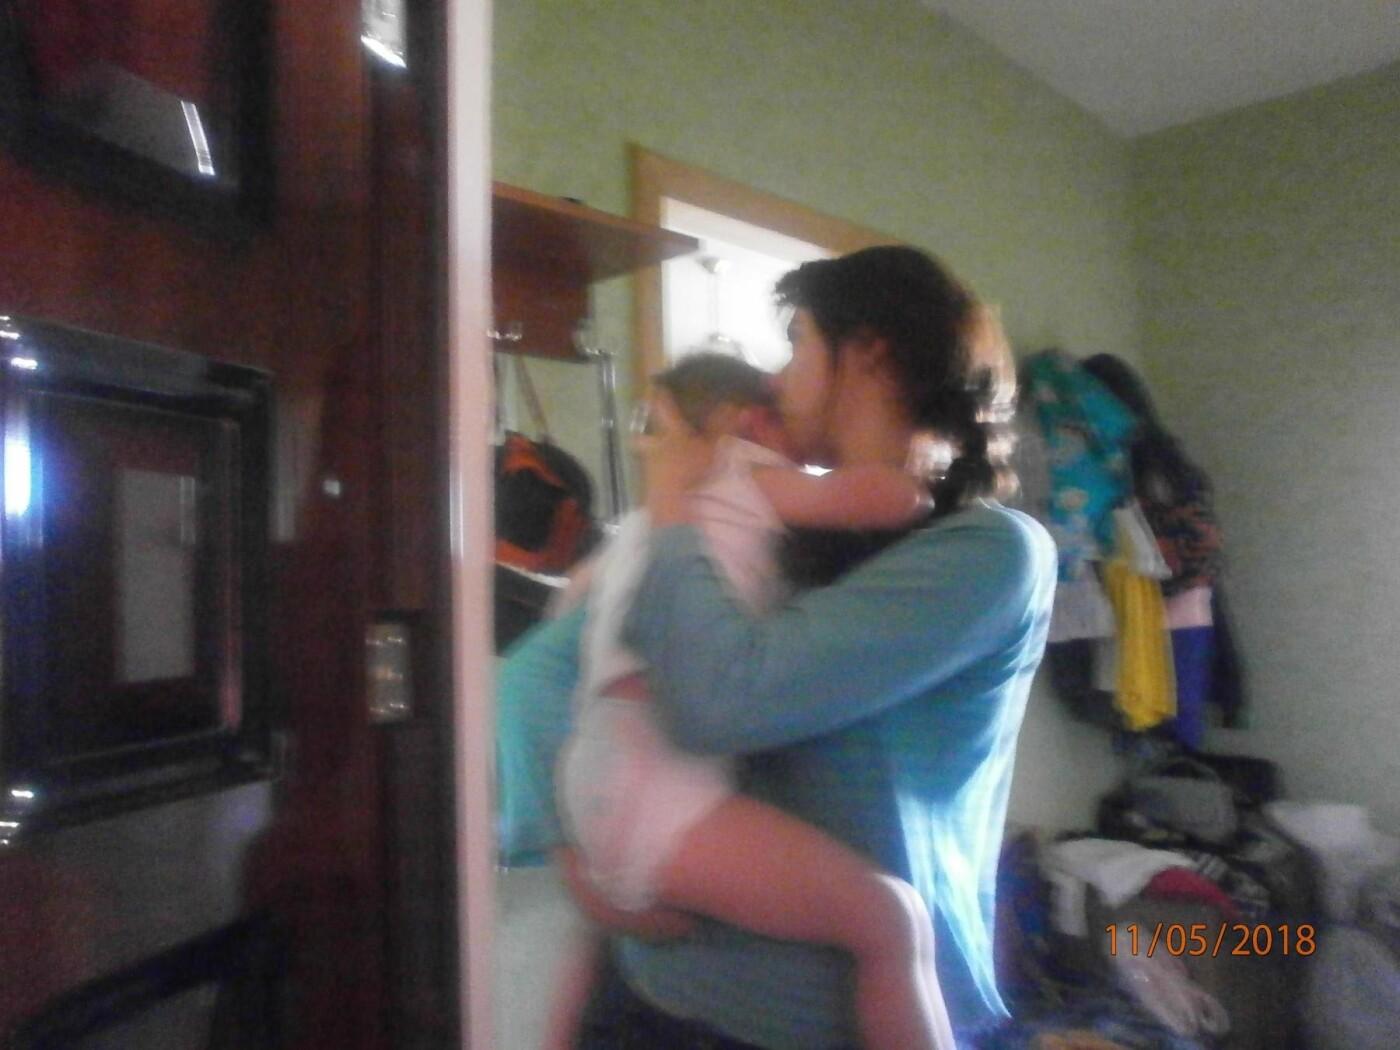 Білоцерківські рятувальники екстрено відчинили двері квартири в якій перебувала дворічна дитина